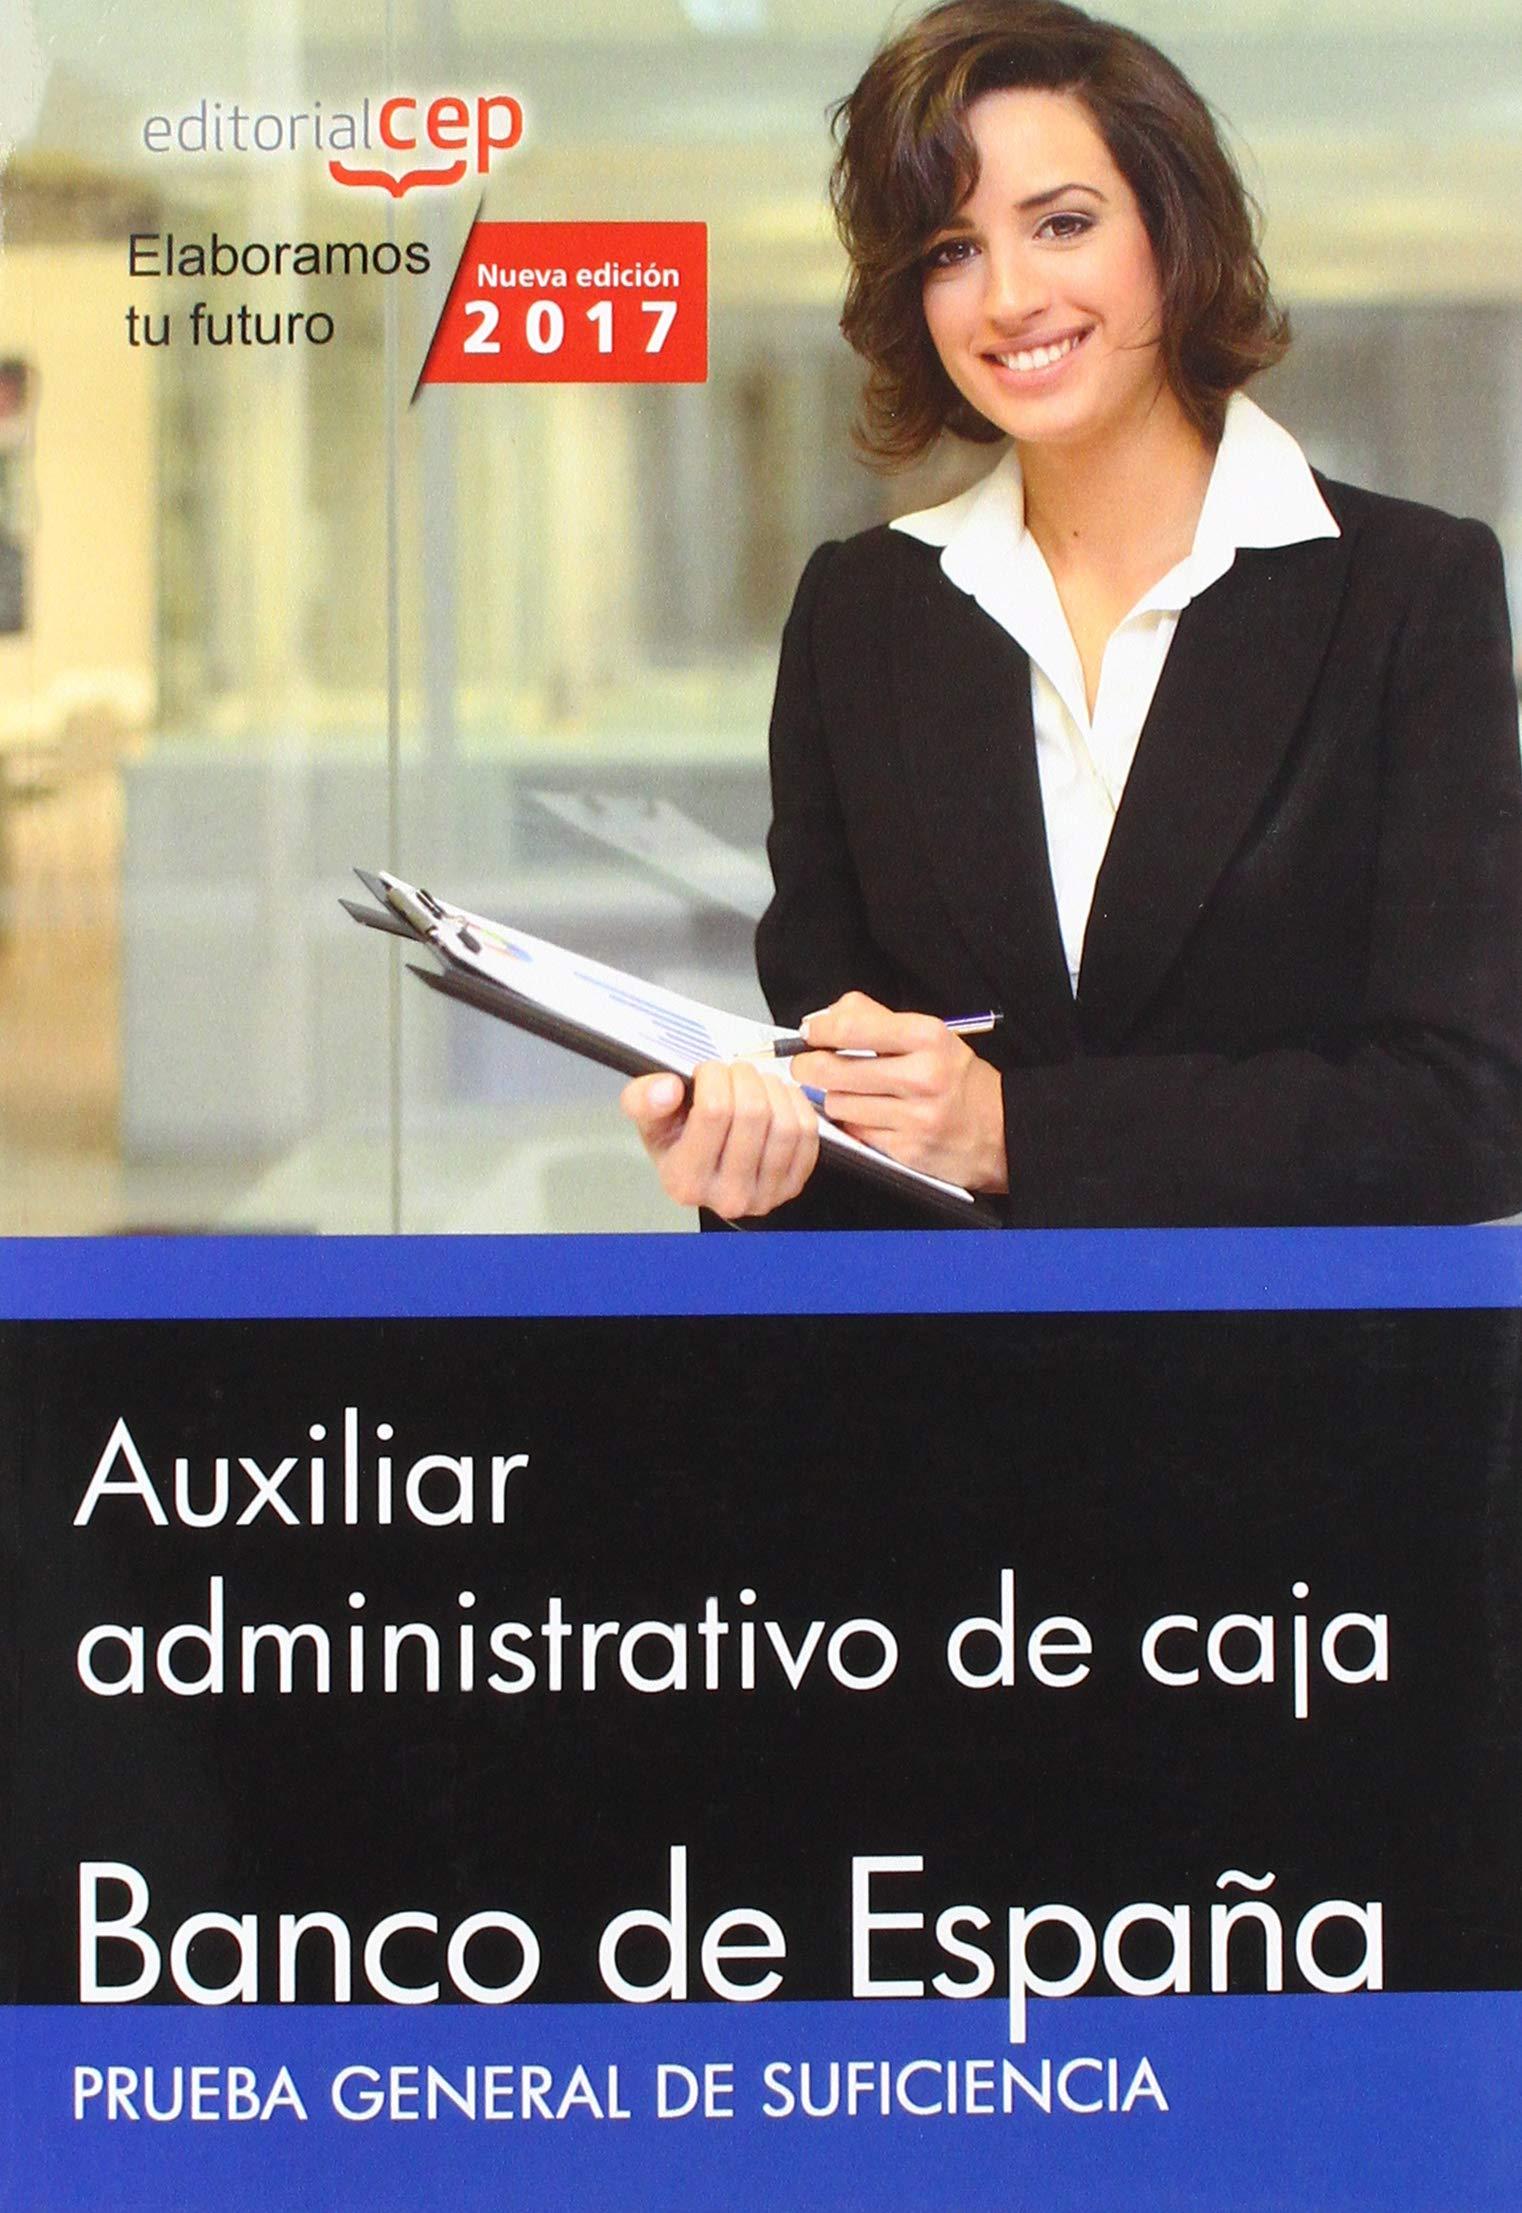 Auxiliar administrativo de caja. Banco de España. Prueba general de suficiencia: Amazon.es: Editorial CEP: Libros